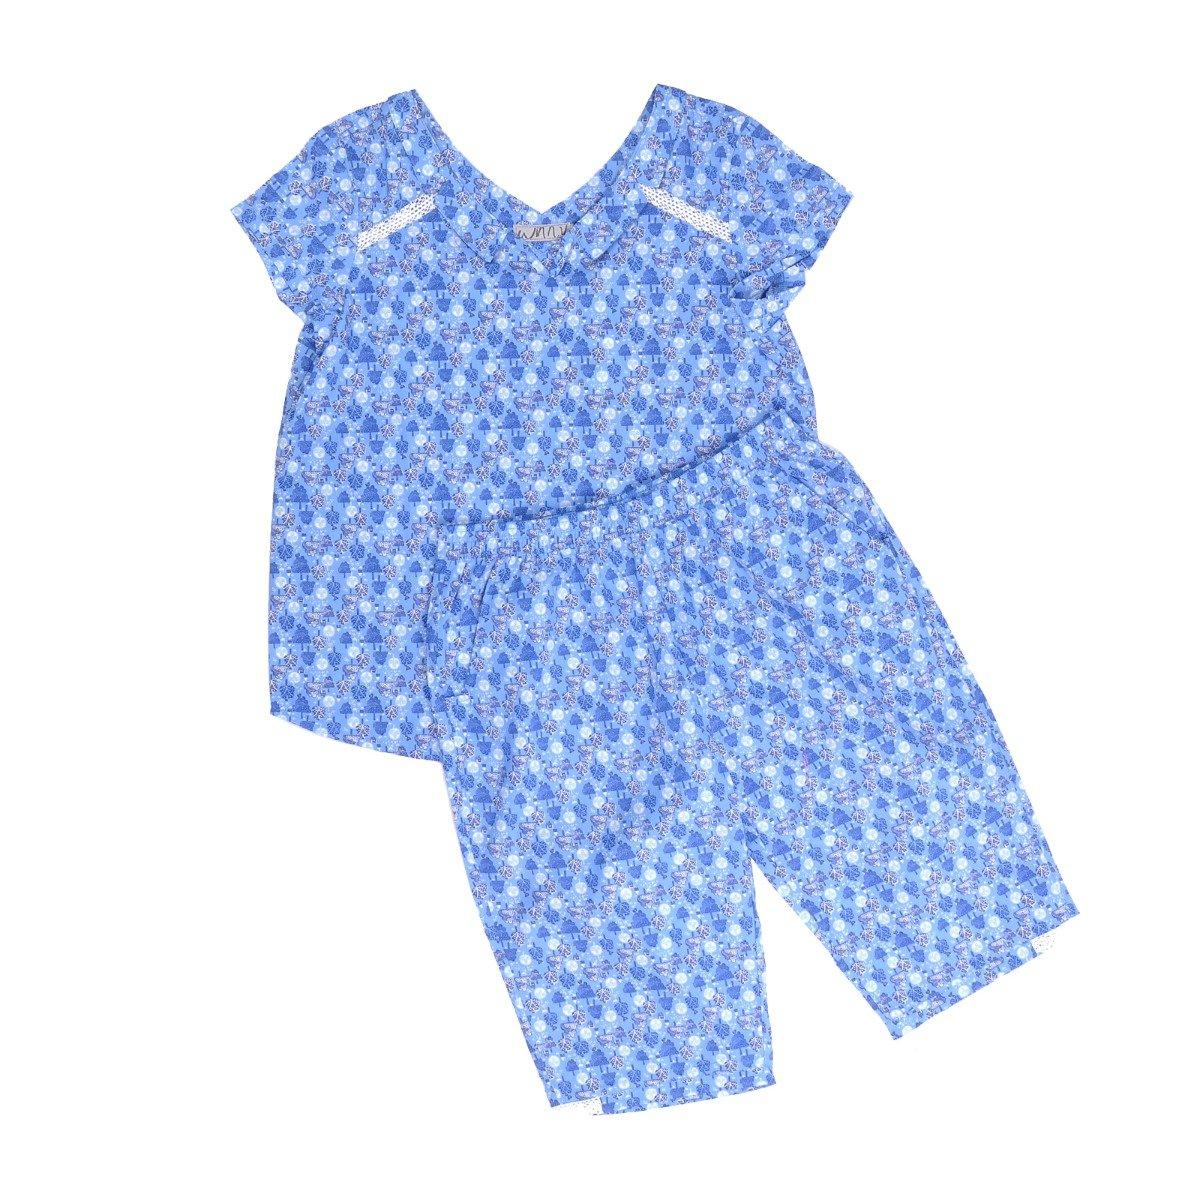 Bộ đồ mặc nhà xuân hè - SW6004N